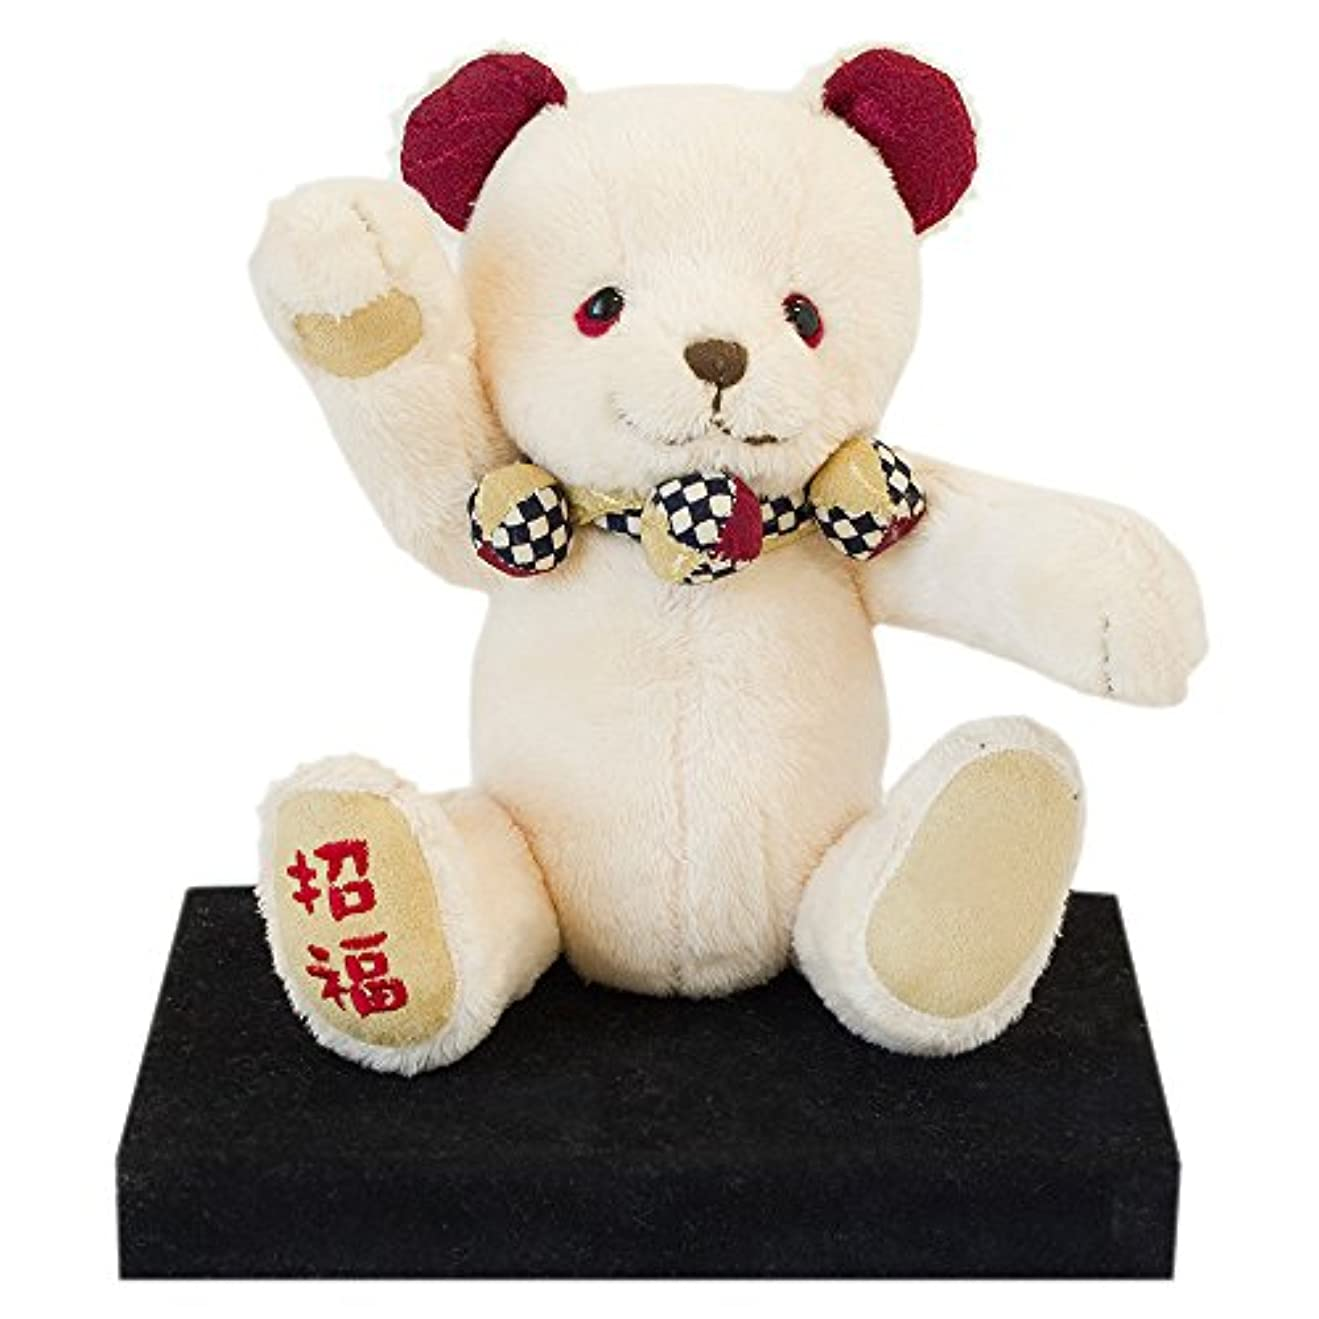 タヒチ嵐の落ち着いた敬老の日のプレゼント 【福をよぶ、招福小熊】敬老の日 おじいちゃん おばあちゃん ありがとう (べア単体)